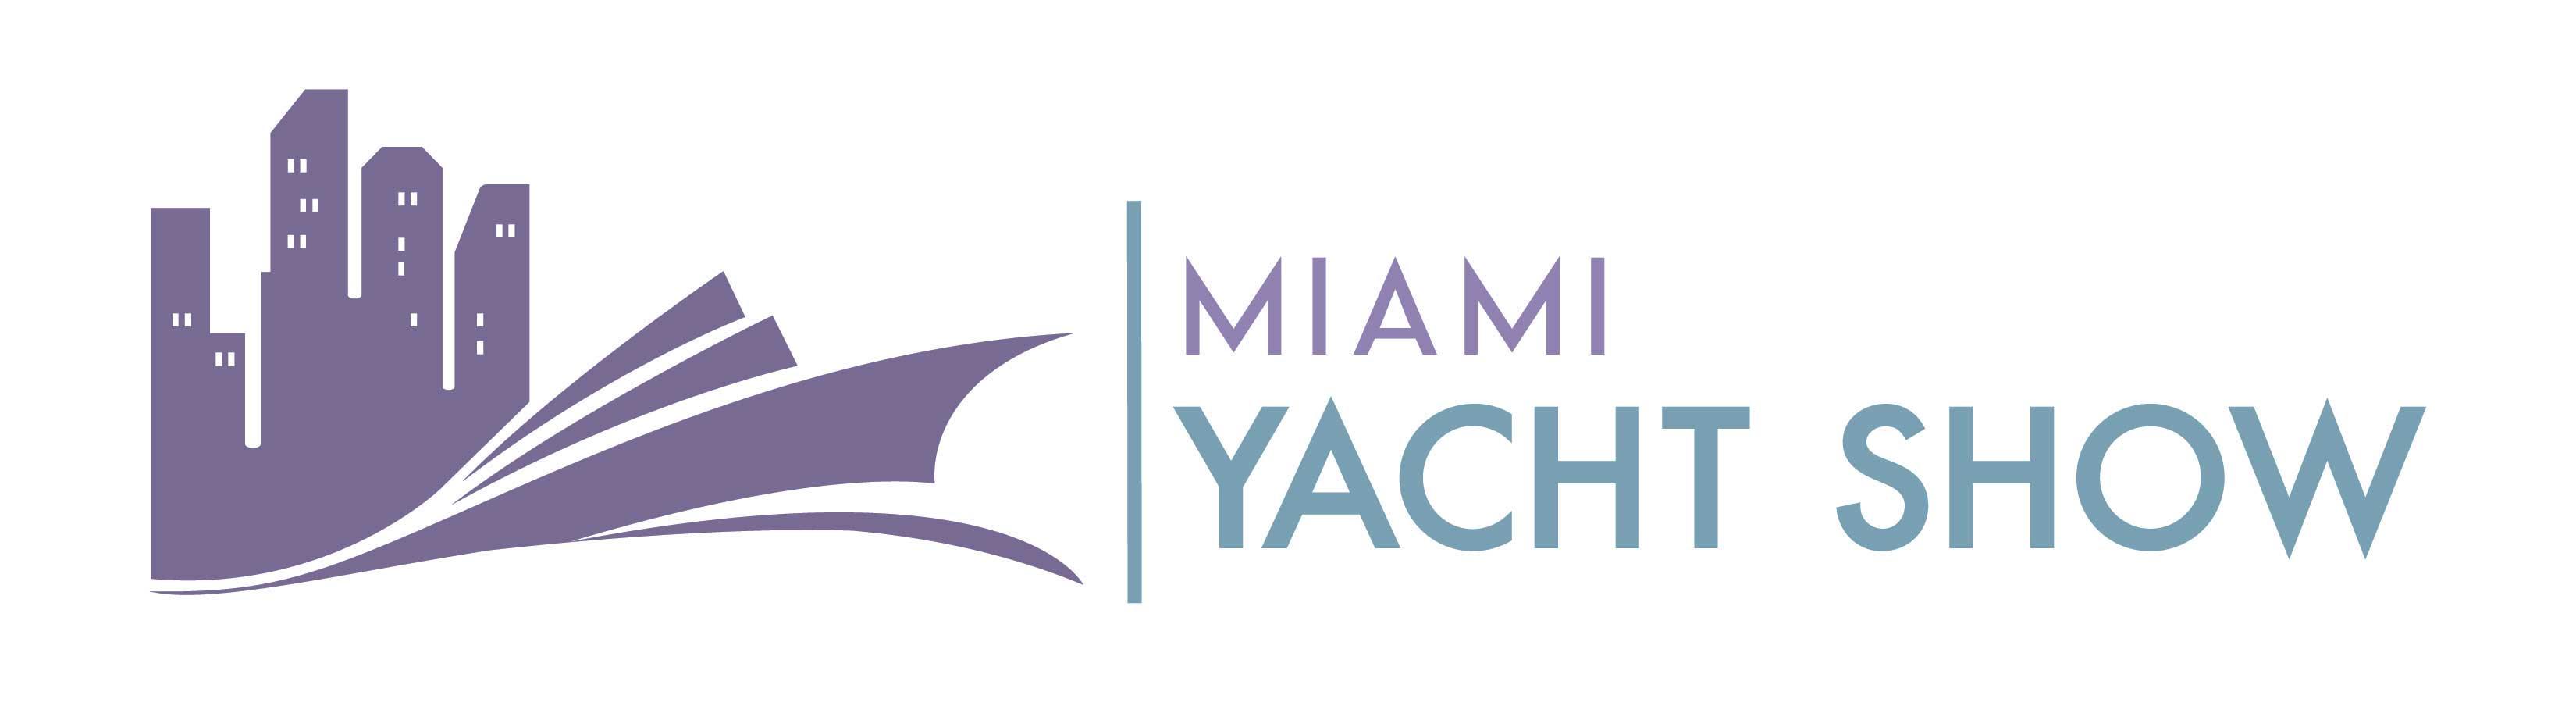 Miami Yacht Show logo